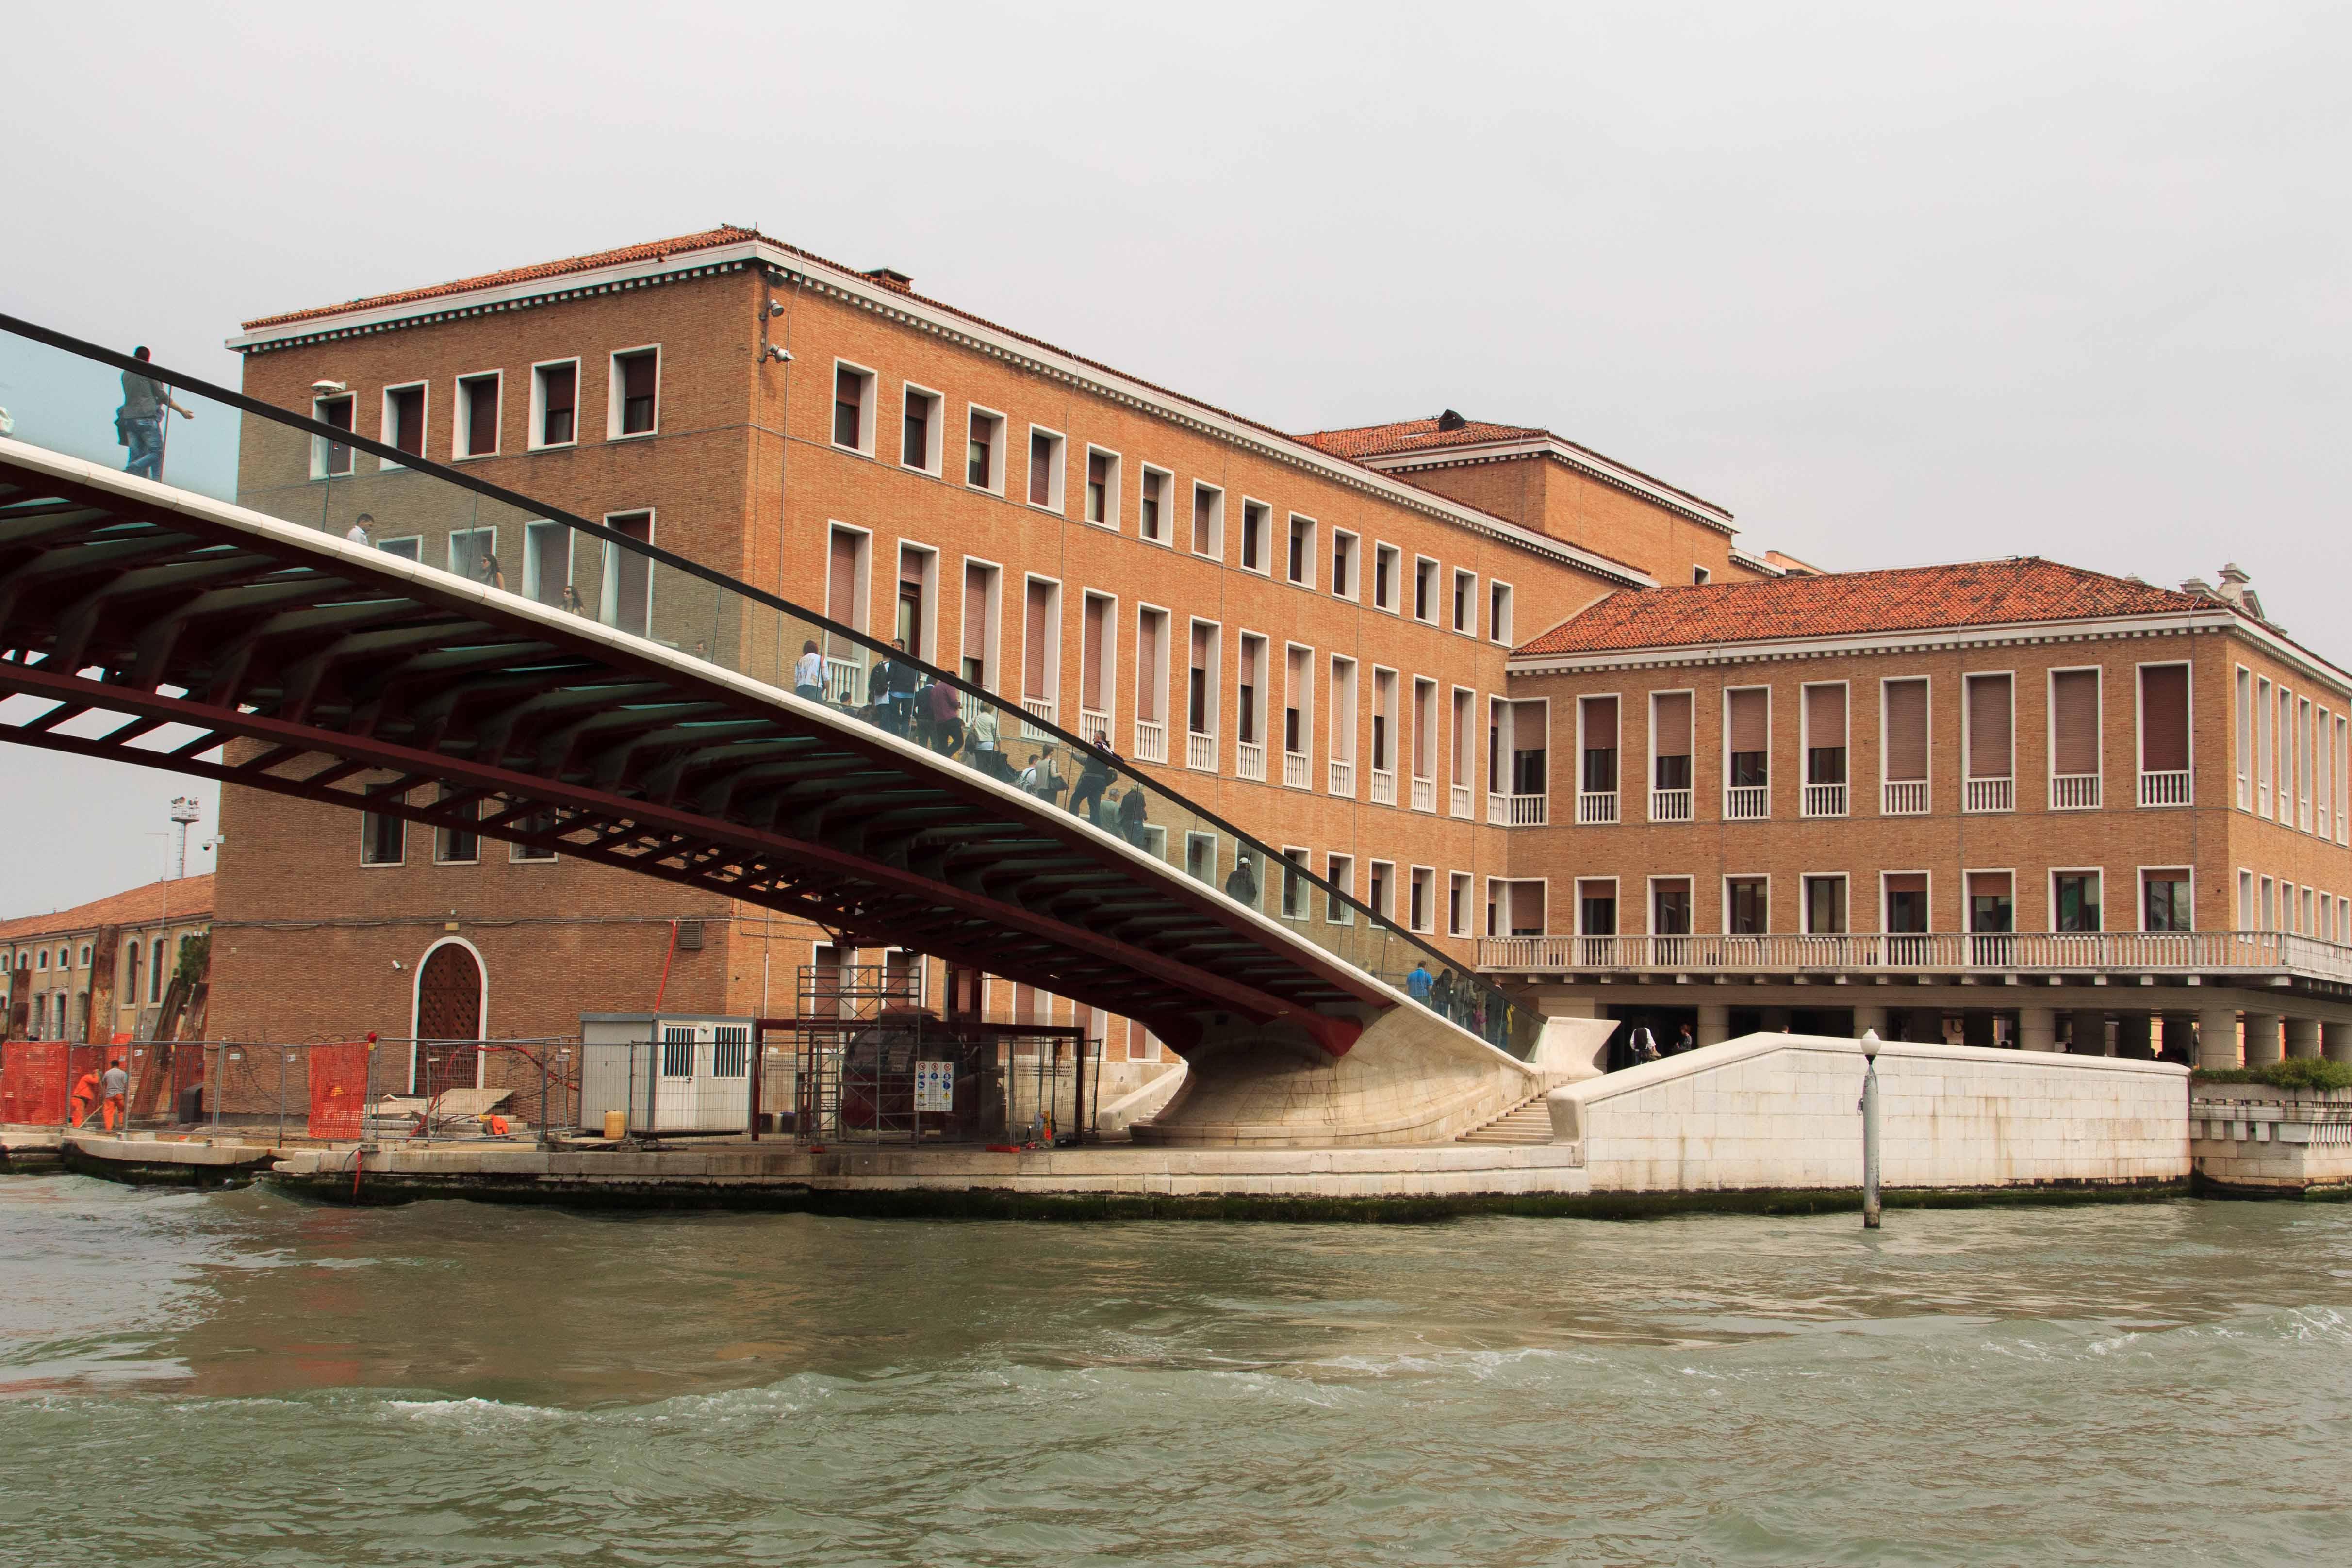 palazzo-grandi-stazioni-venezia